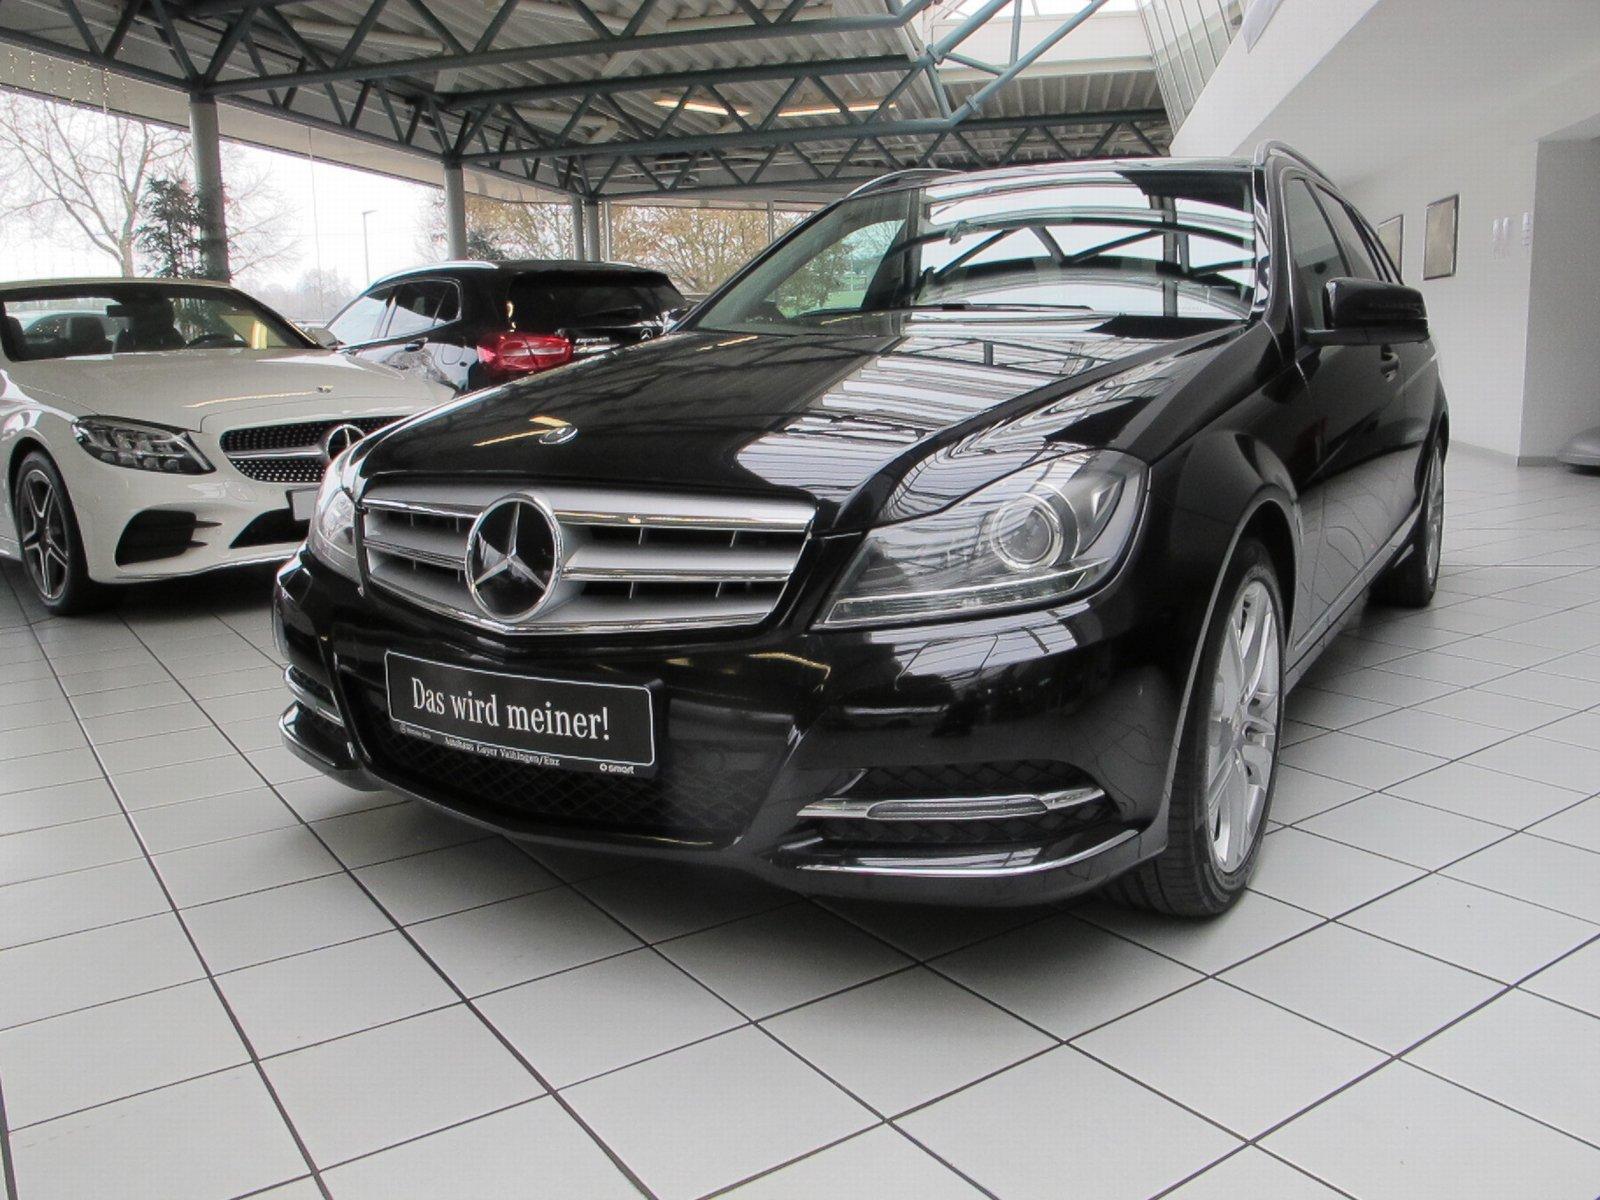 Mercedes-Benz C 220 CDI Avantgarde BE DPF, Jahr 2013, Diesel